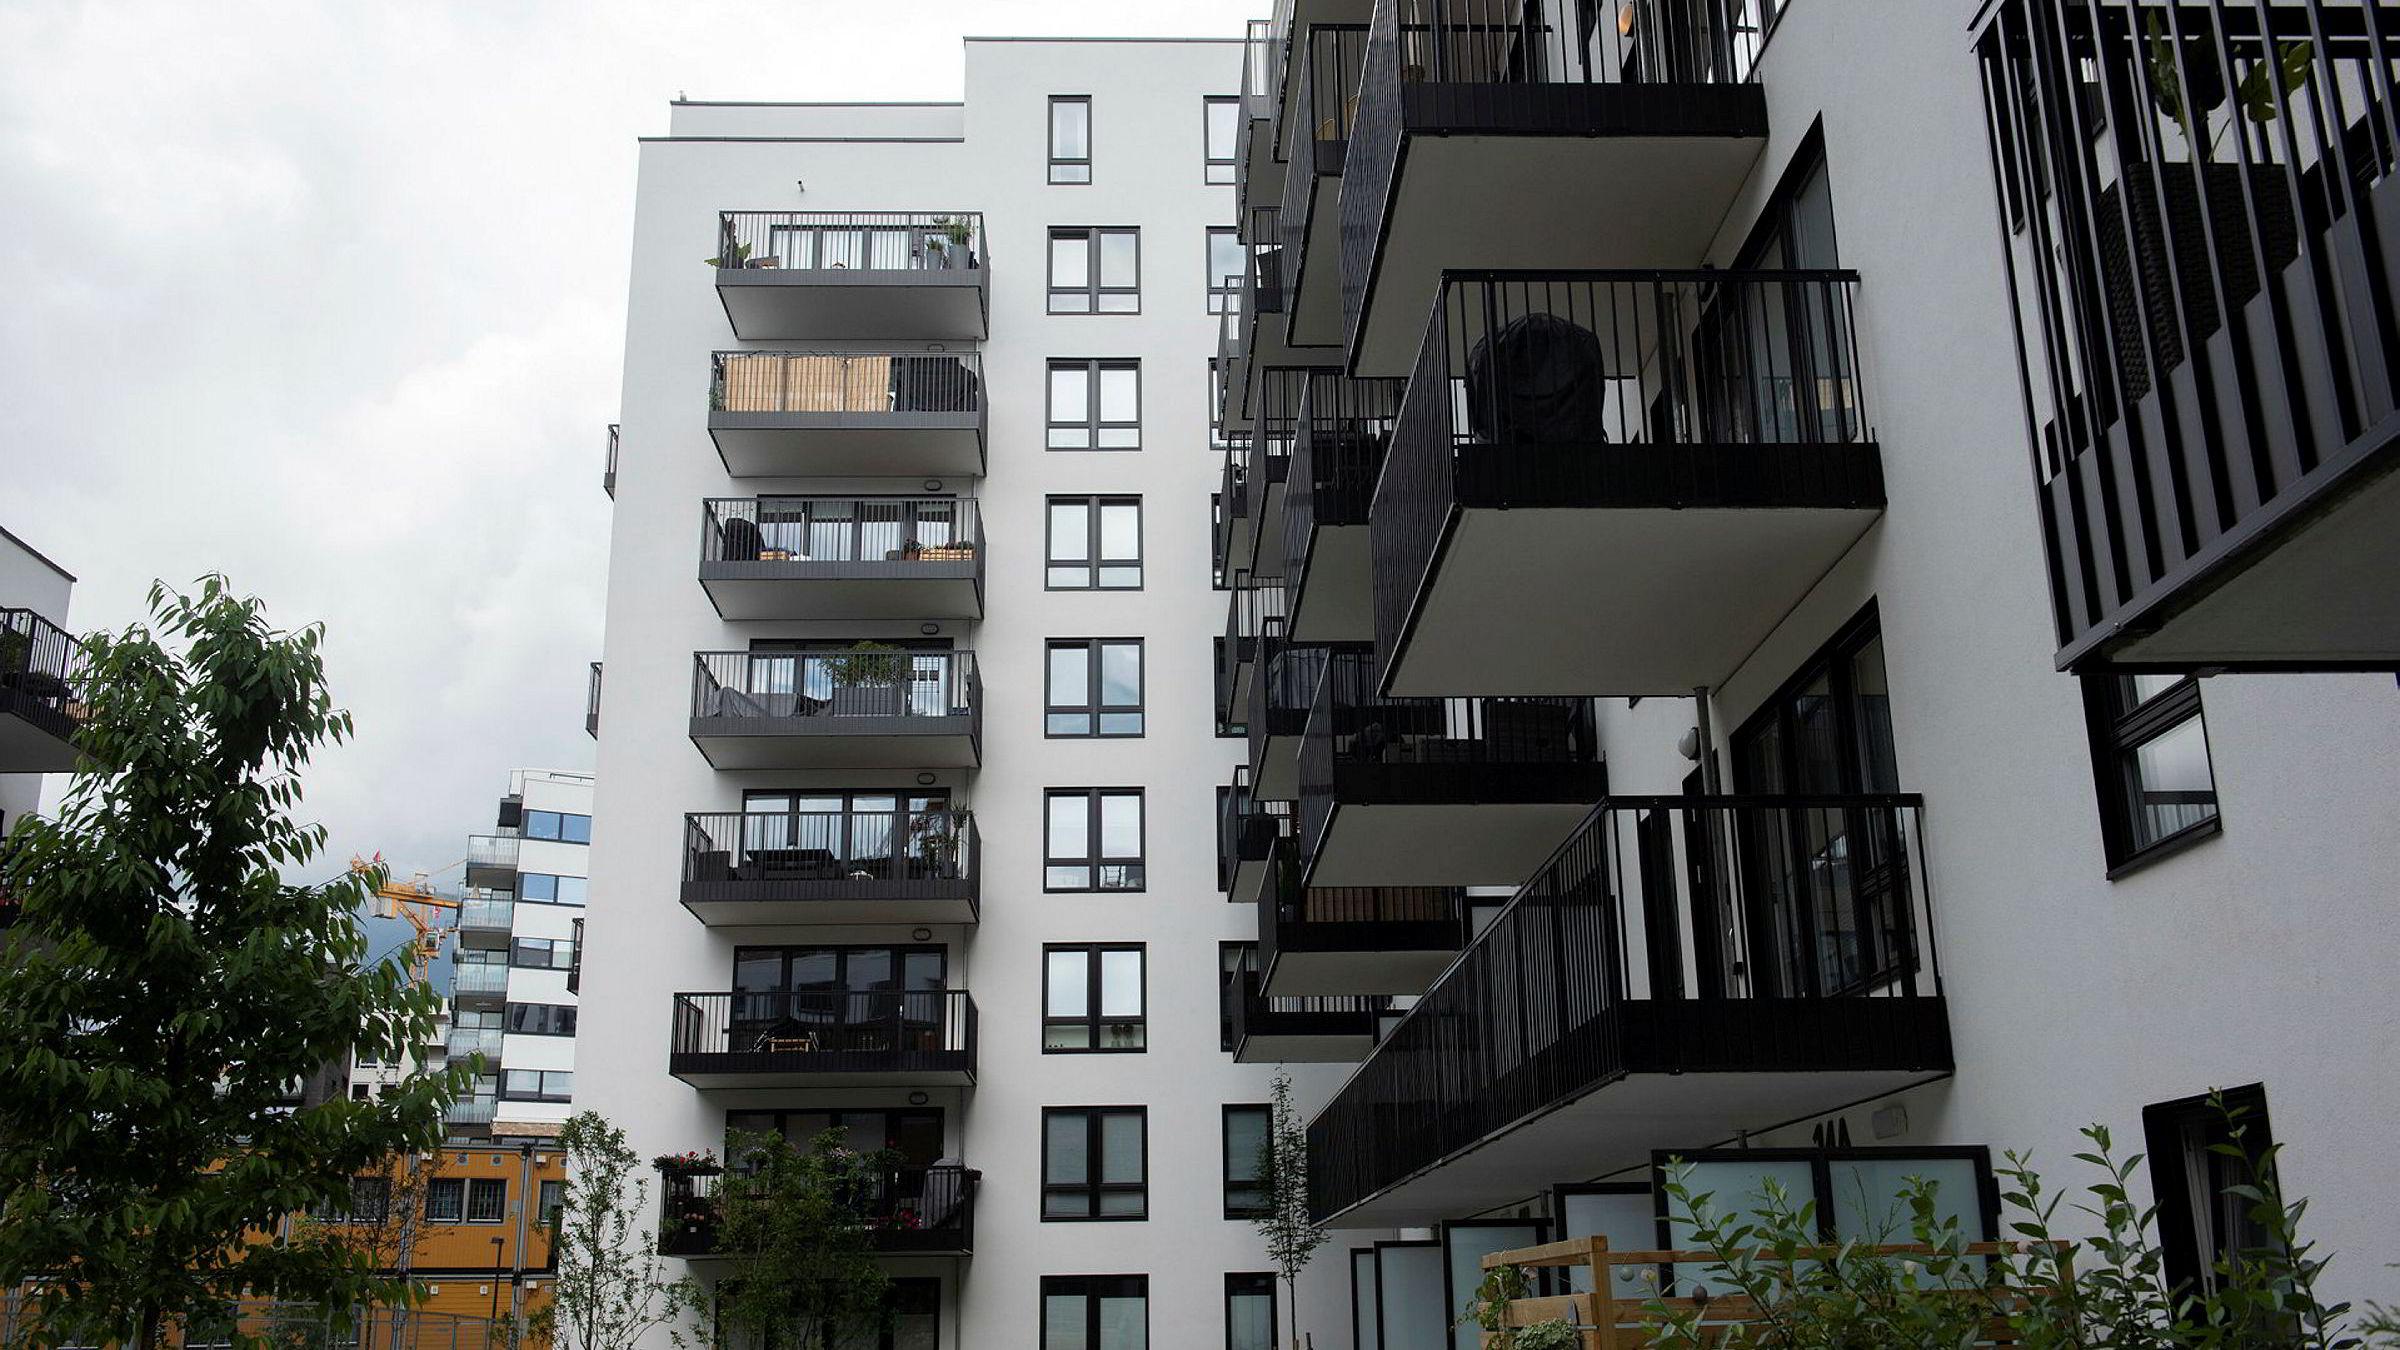 Det er en klar økning i beholdningen av usolgte boliger her til lands, ifølge ny rapport. (Arkivfoto av nye boliger på Hasle i Oslo.)